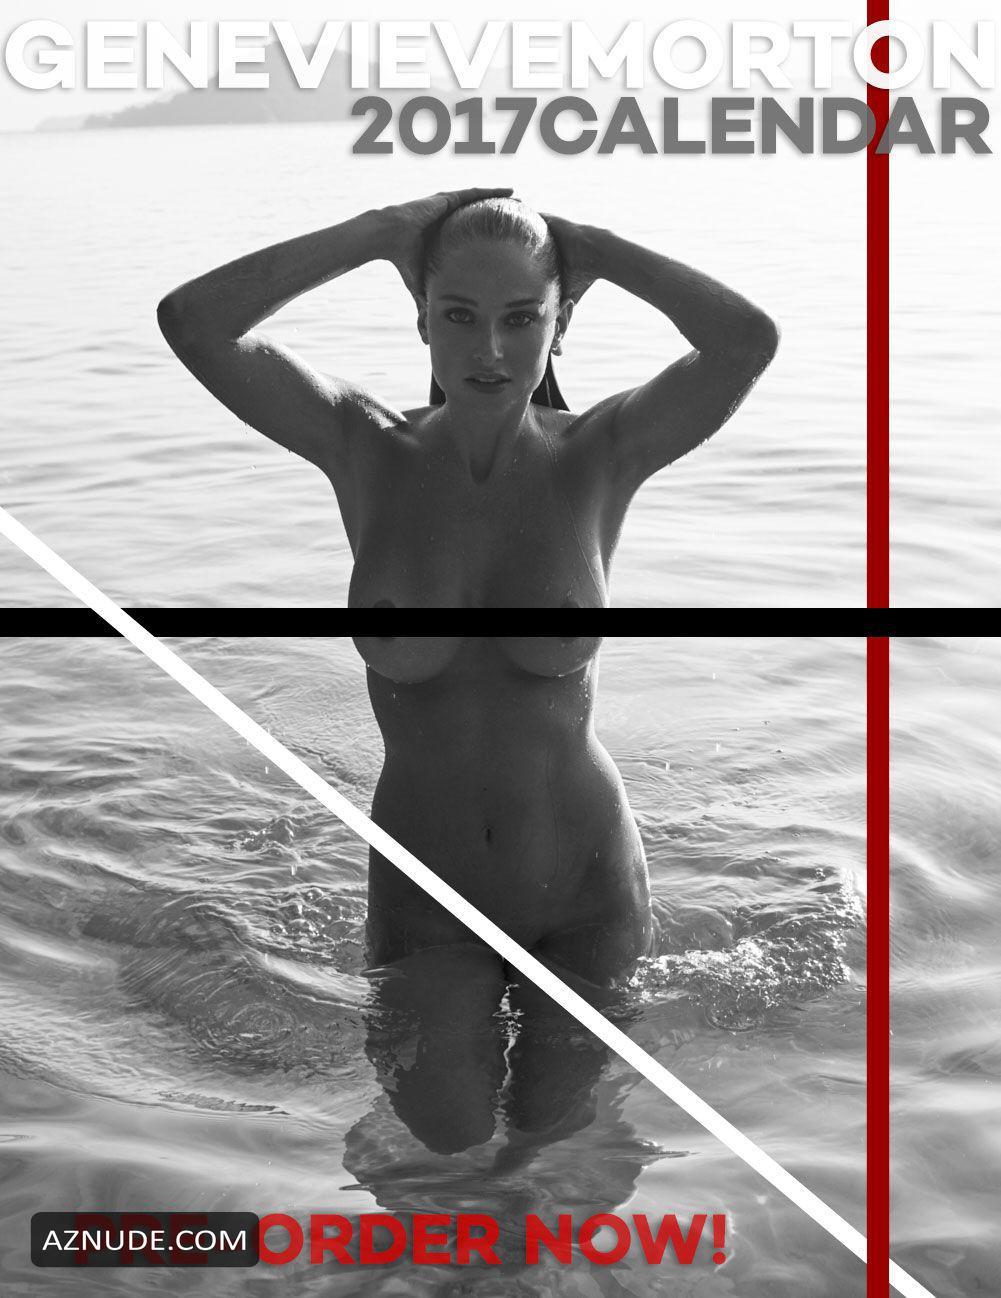 Genevieve Morton Nude For 2017 Calendar Promo - Aznude-1363